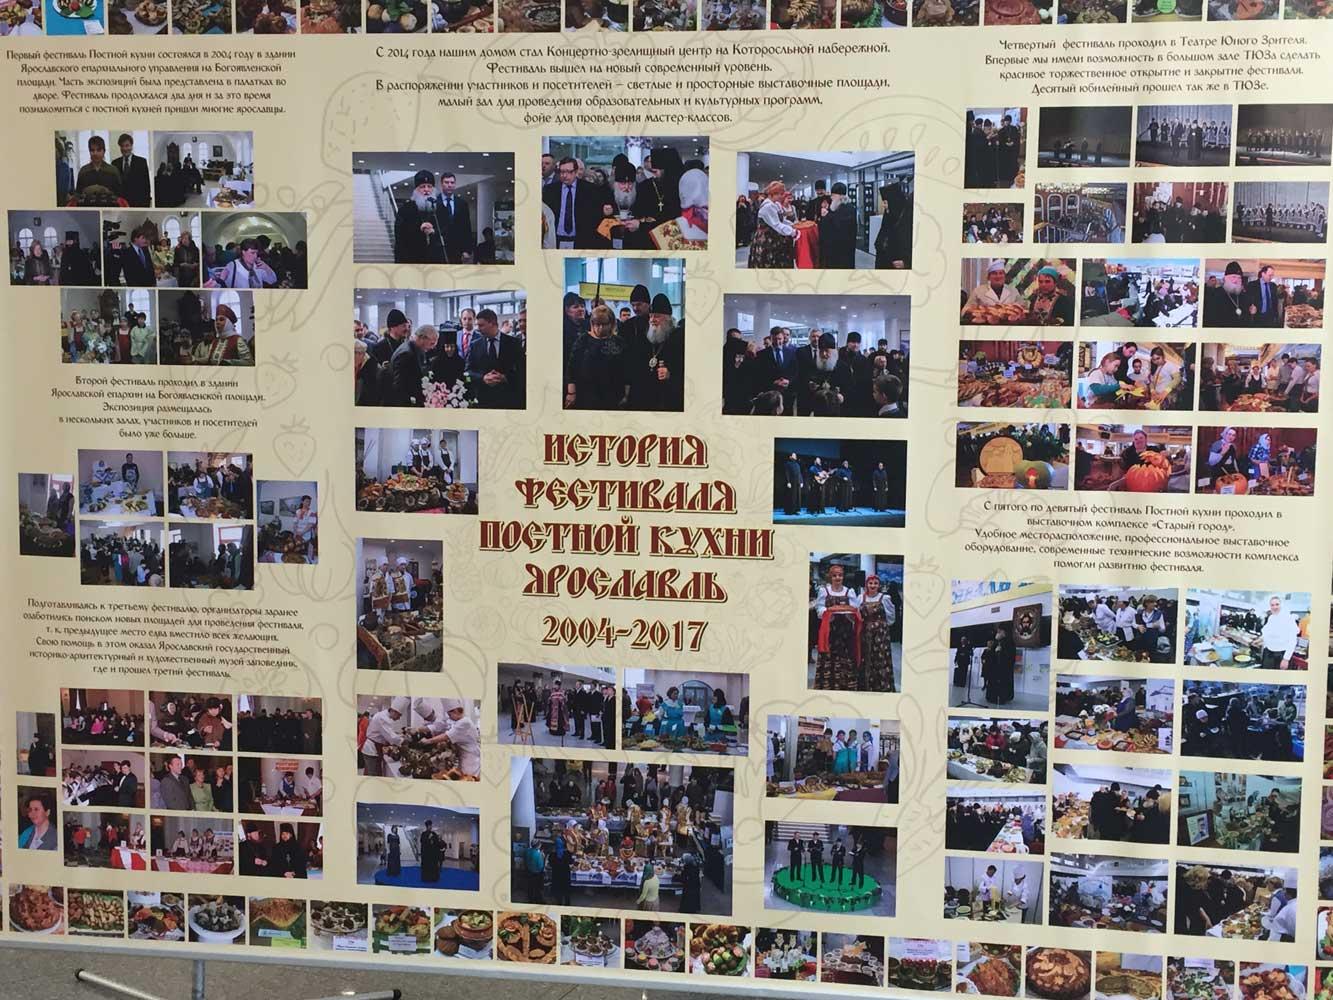 История фестиваля постной кухни Ярославля